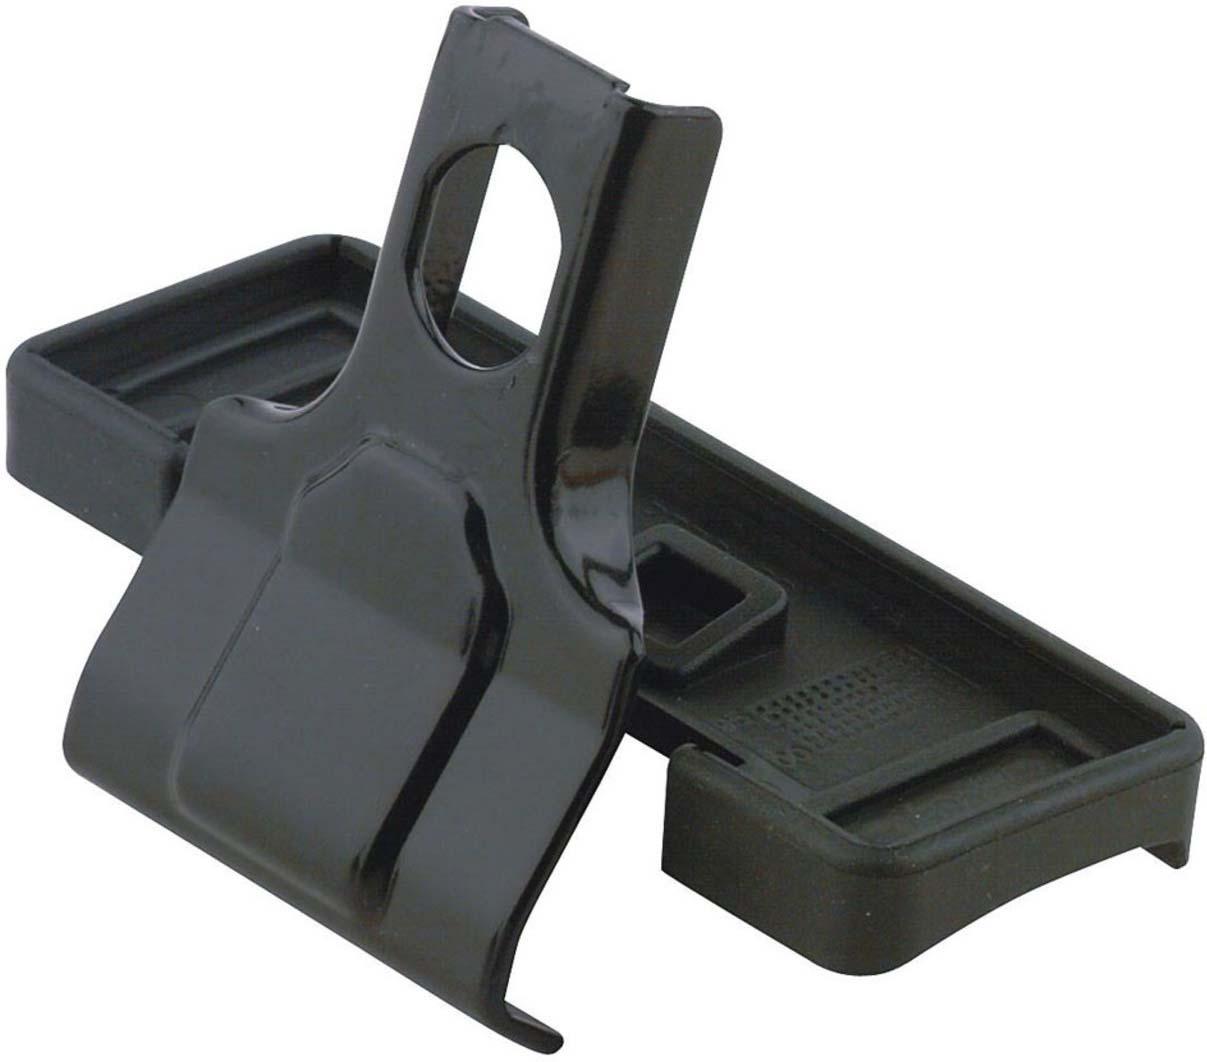 Фото - Установочный комплект Thule, для автобагажника. 1574 установочный комплект thule для автобагажника 1407